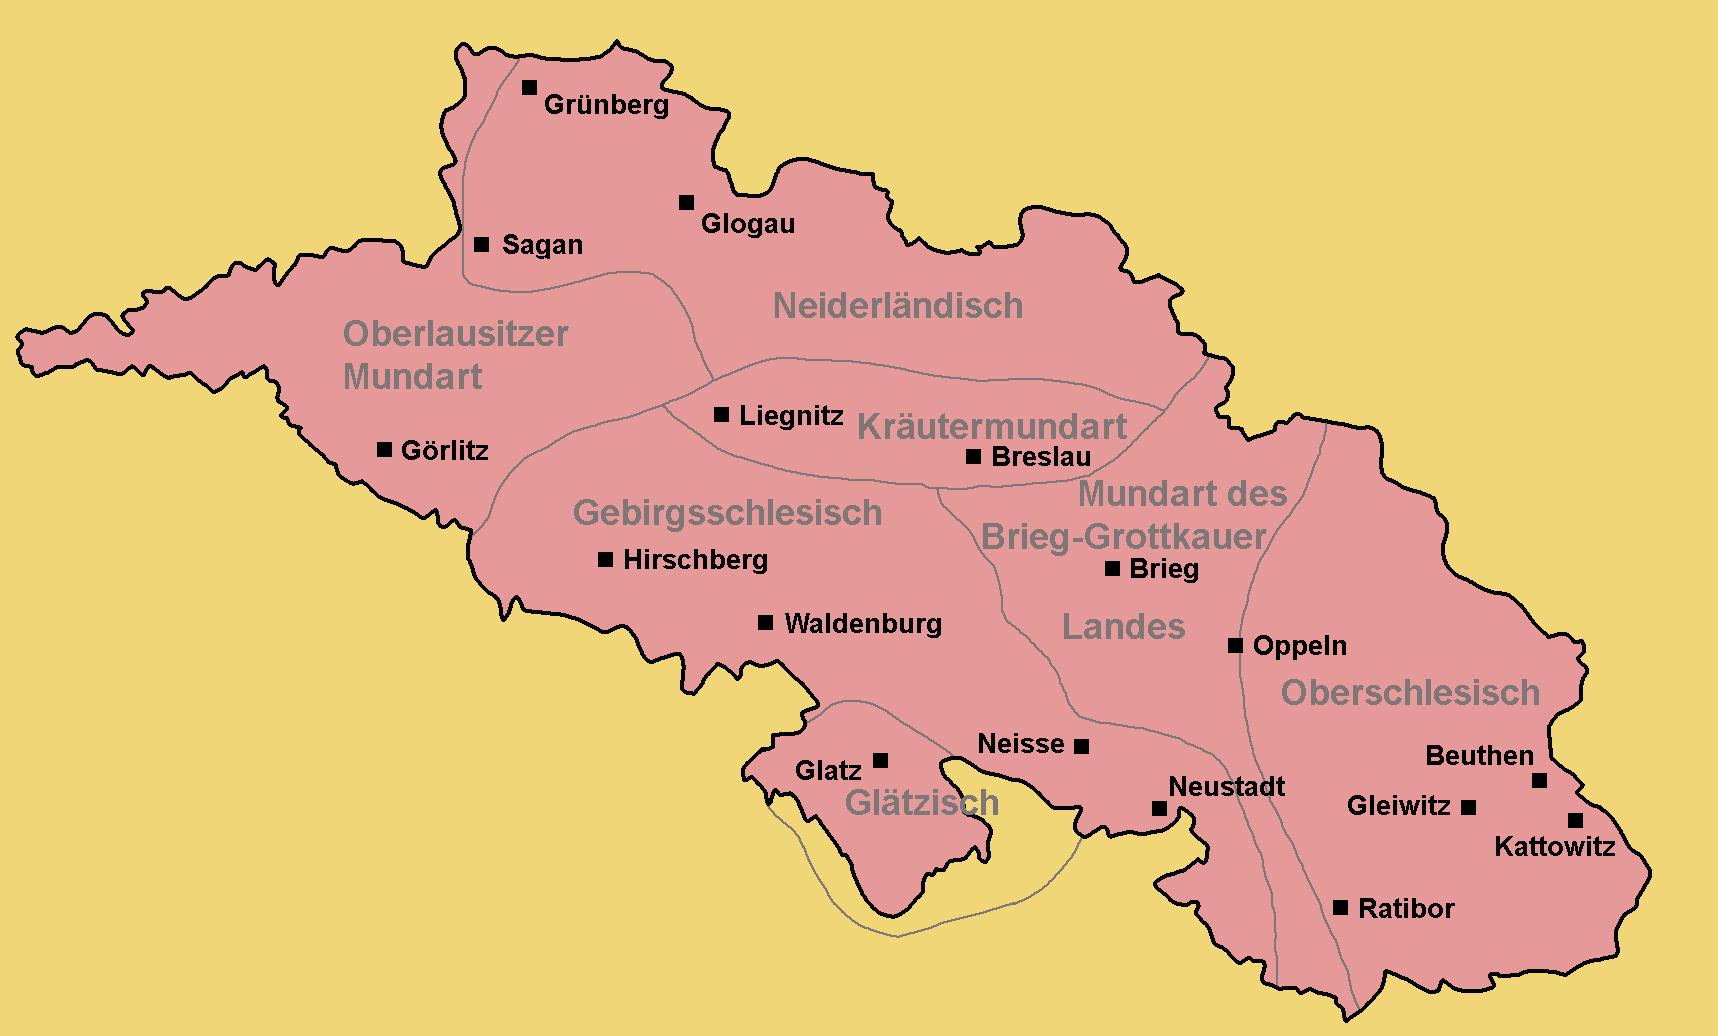 schlesien karte deutsch File:Schlesien Karte Dialekte Vorläufig.png   Wikimedia Commons